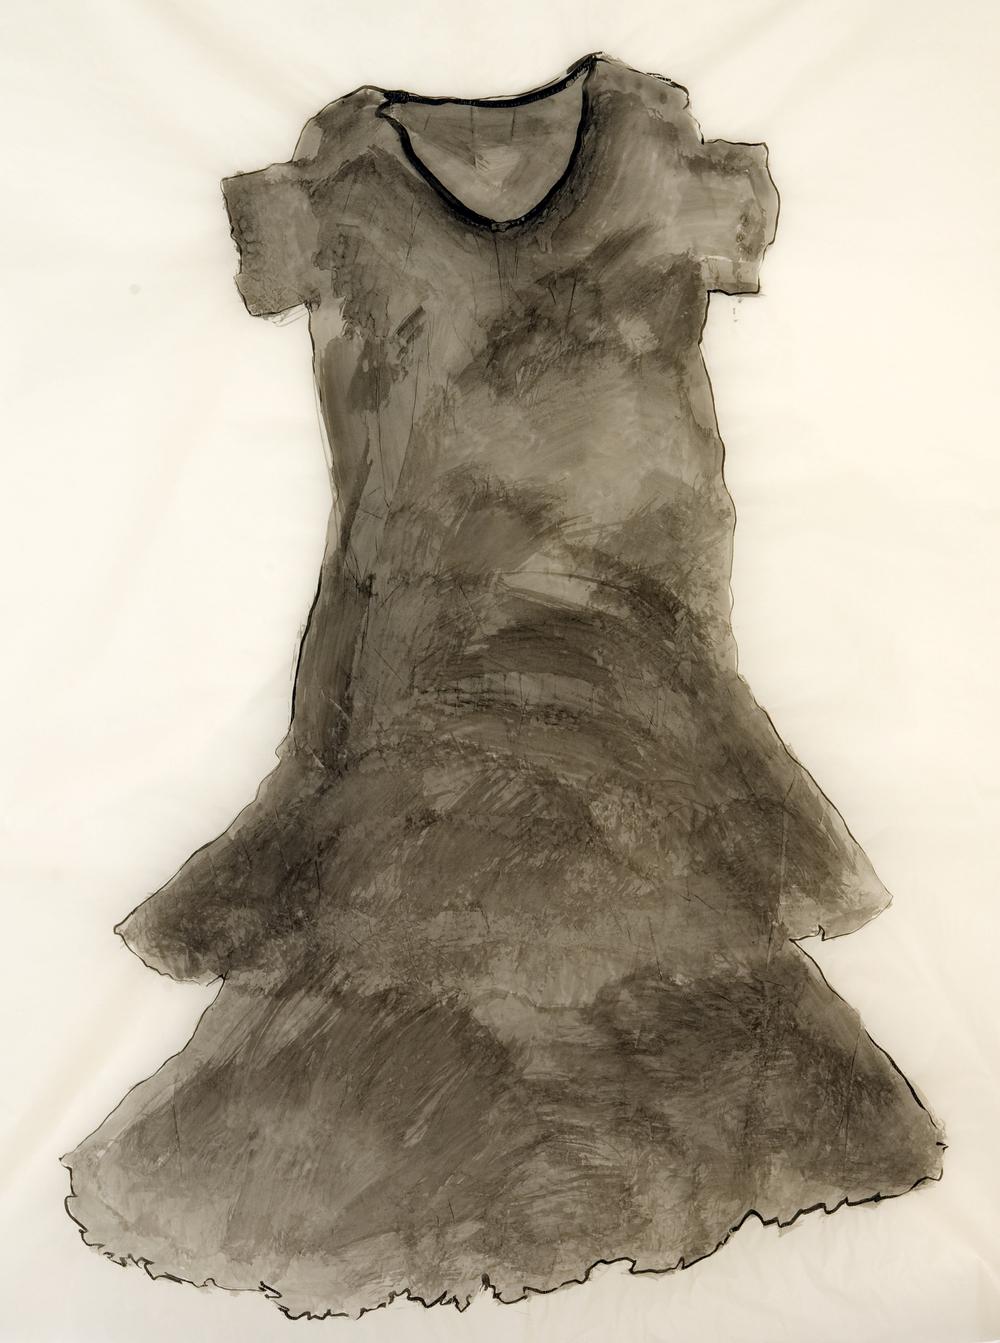 1_Black Dress;D-1_2007.jpg